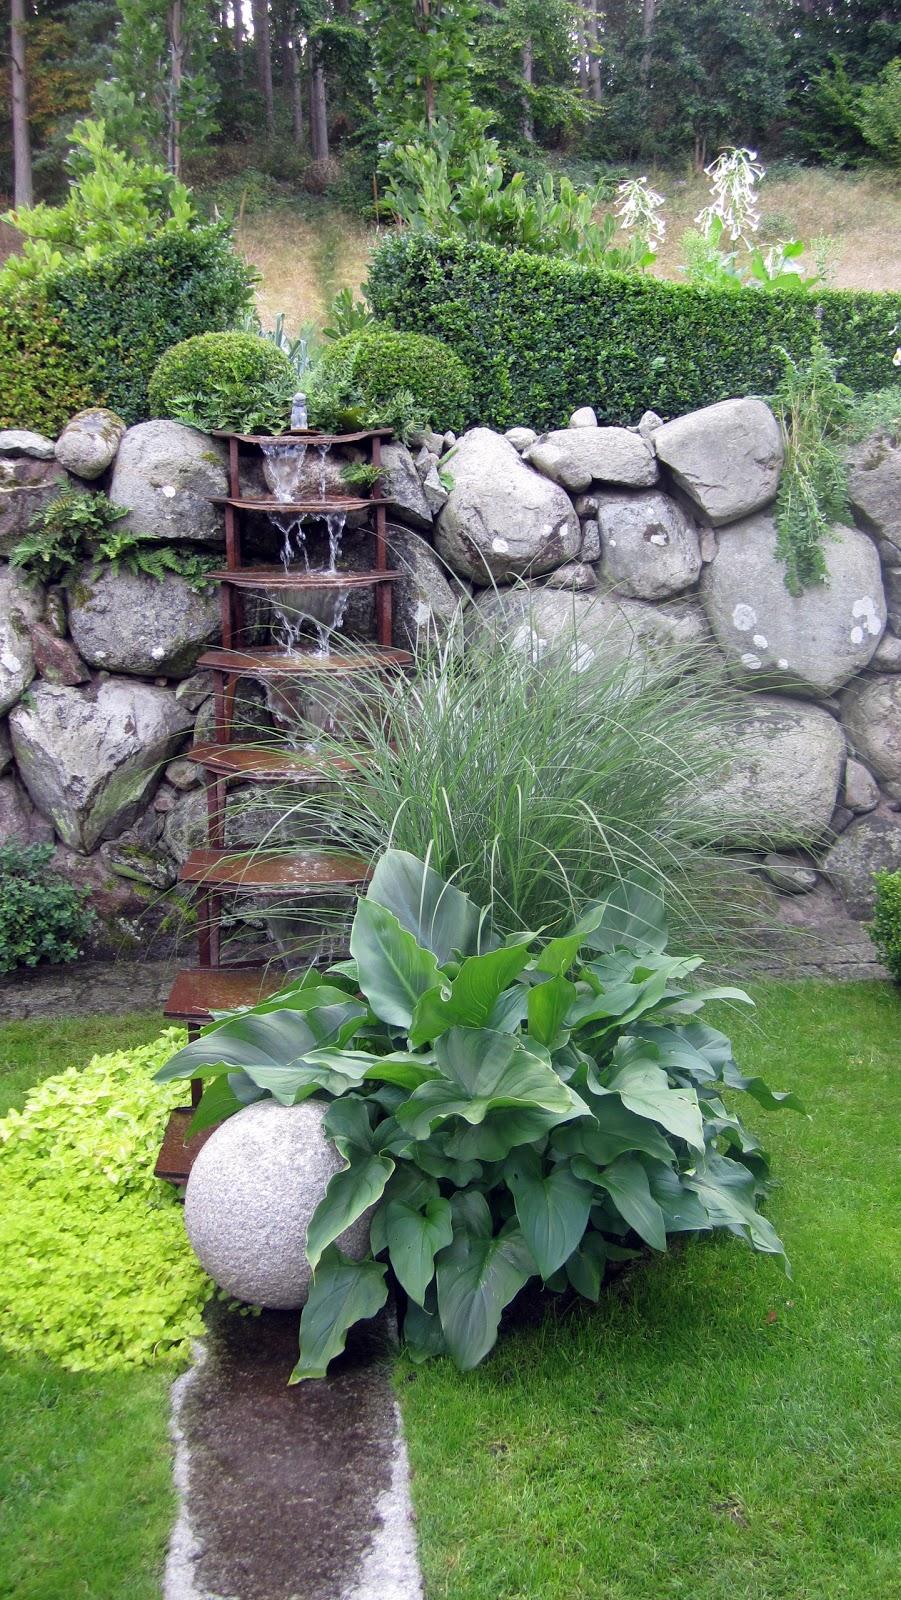 I vått och torrt trädgårdsdesign: ett fantastiskt vacker trädgård!